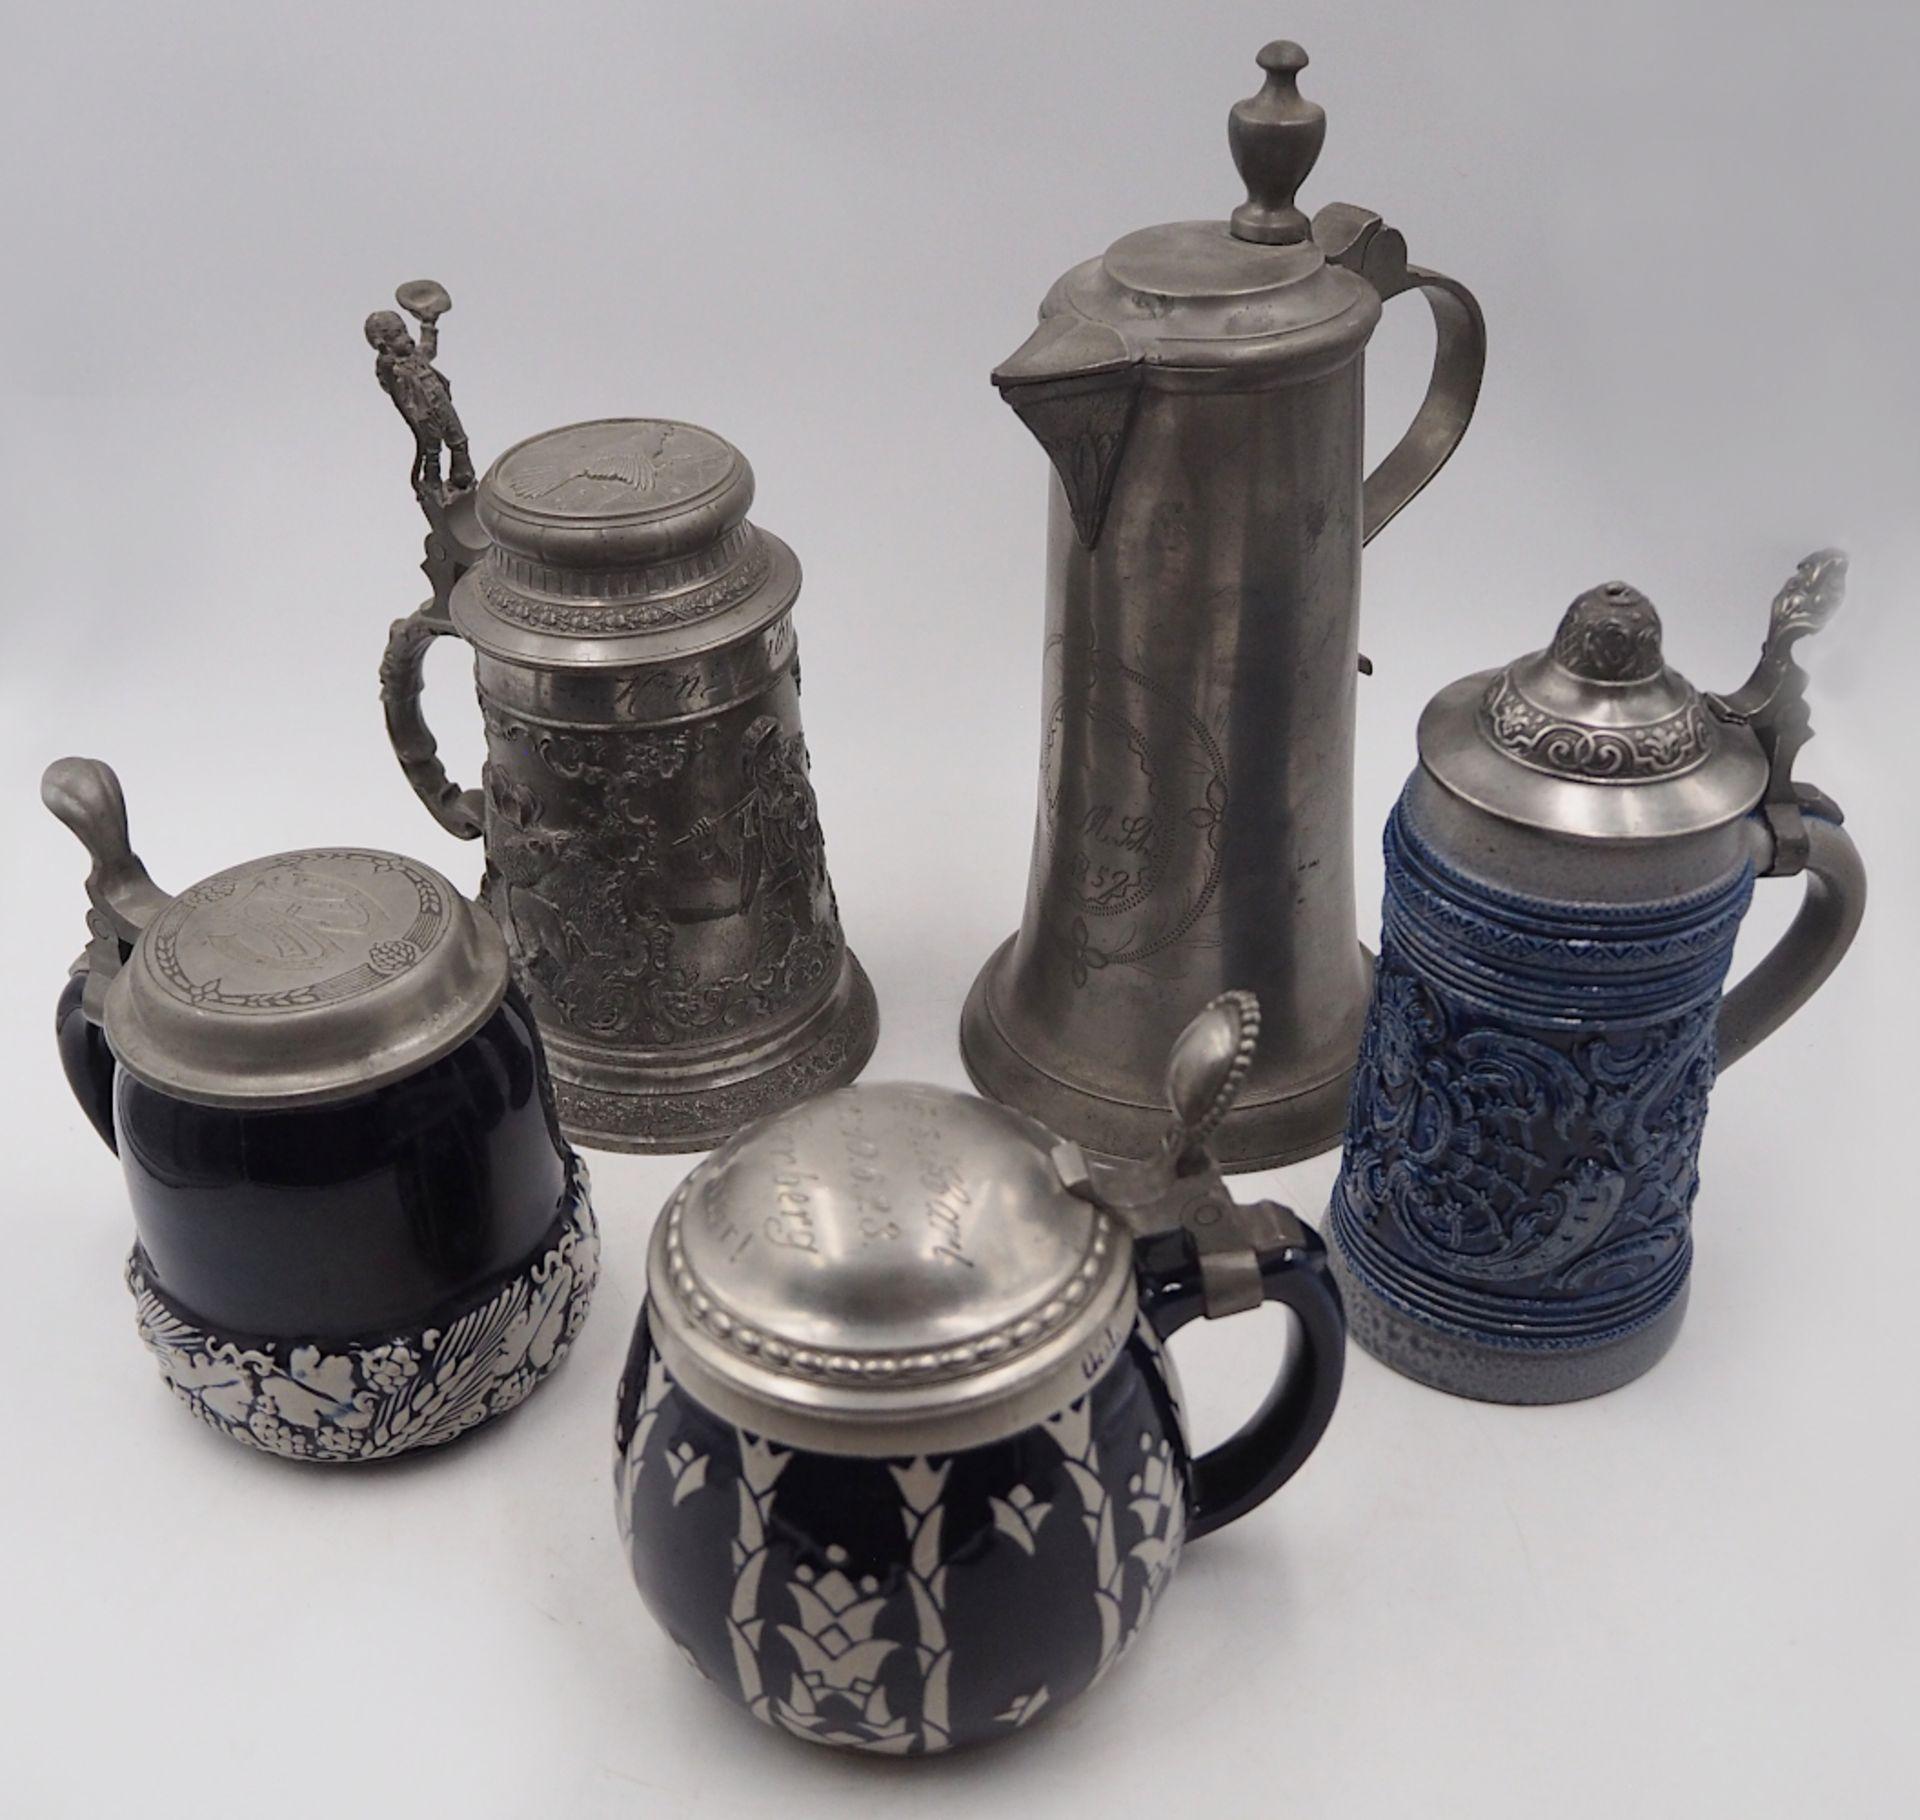 1 Konv. Bierkrüge z.T. 1. Hälfte 20. Jh. Glas/Keramik/Zinn, je mit Zinndeckel, z.T.